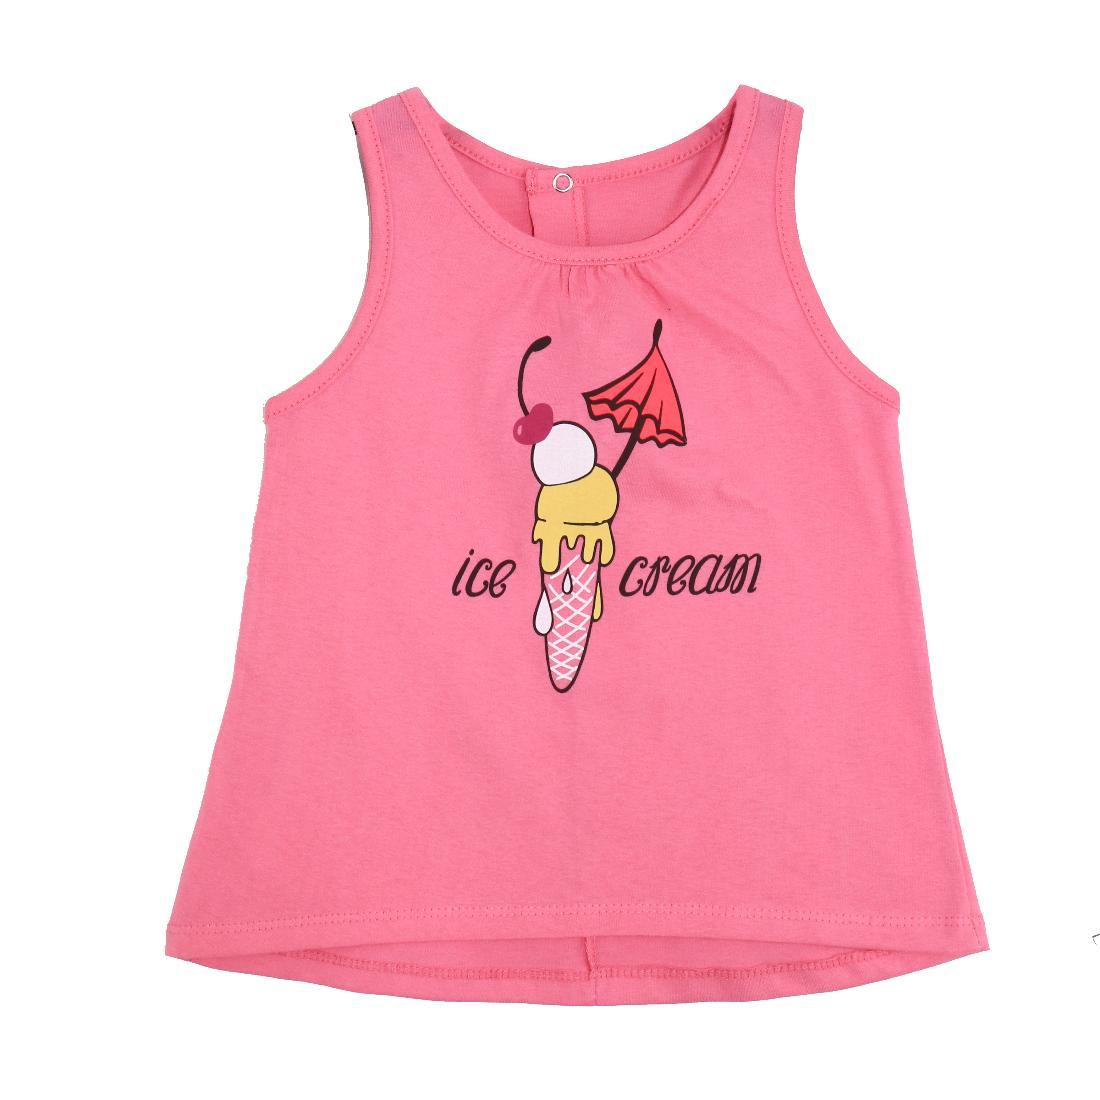 Купить 723к ап, Майка детская Юлла, цв. розовый р. 80, Детские футболки